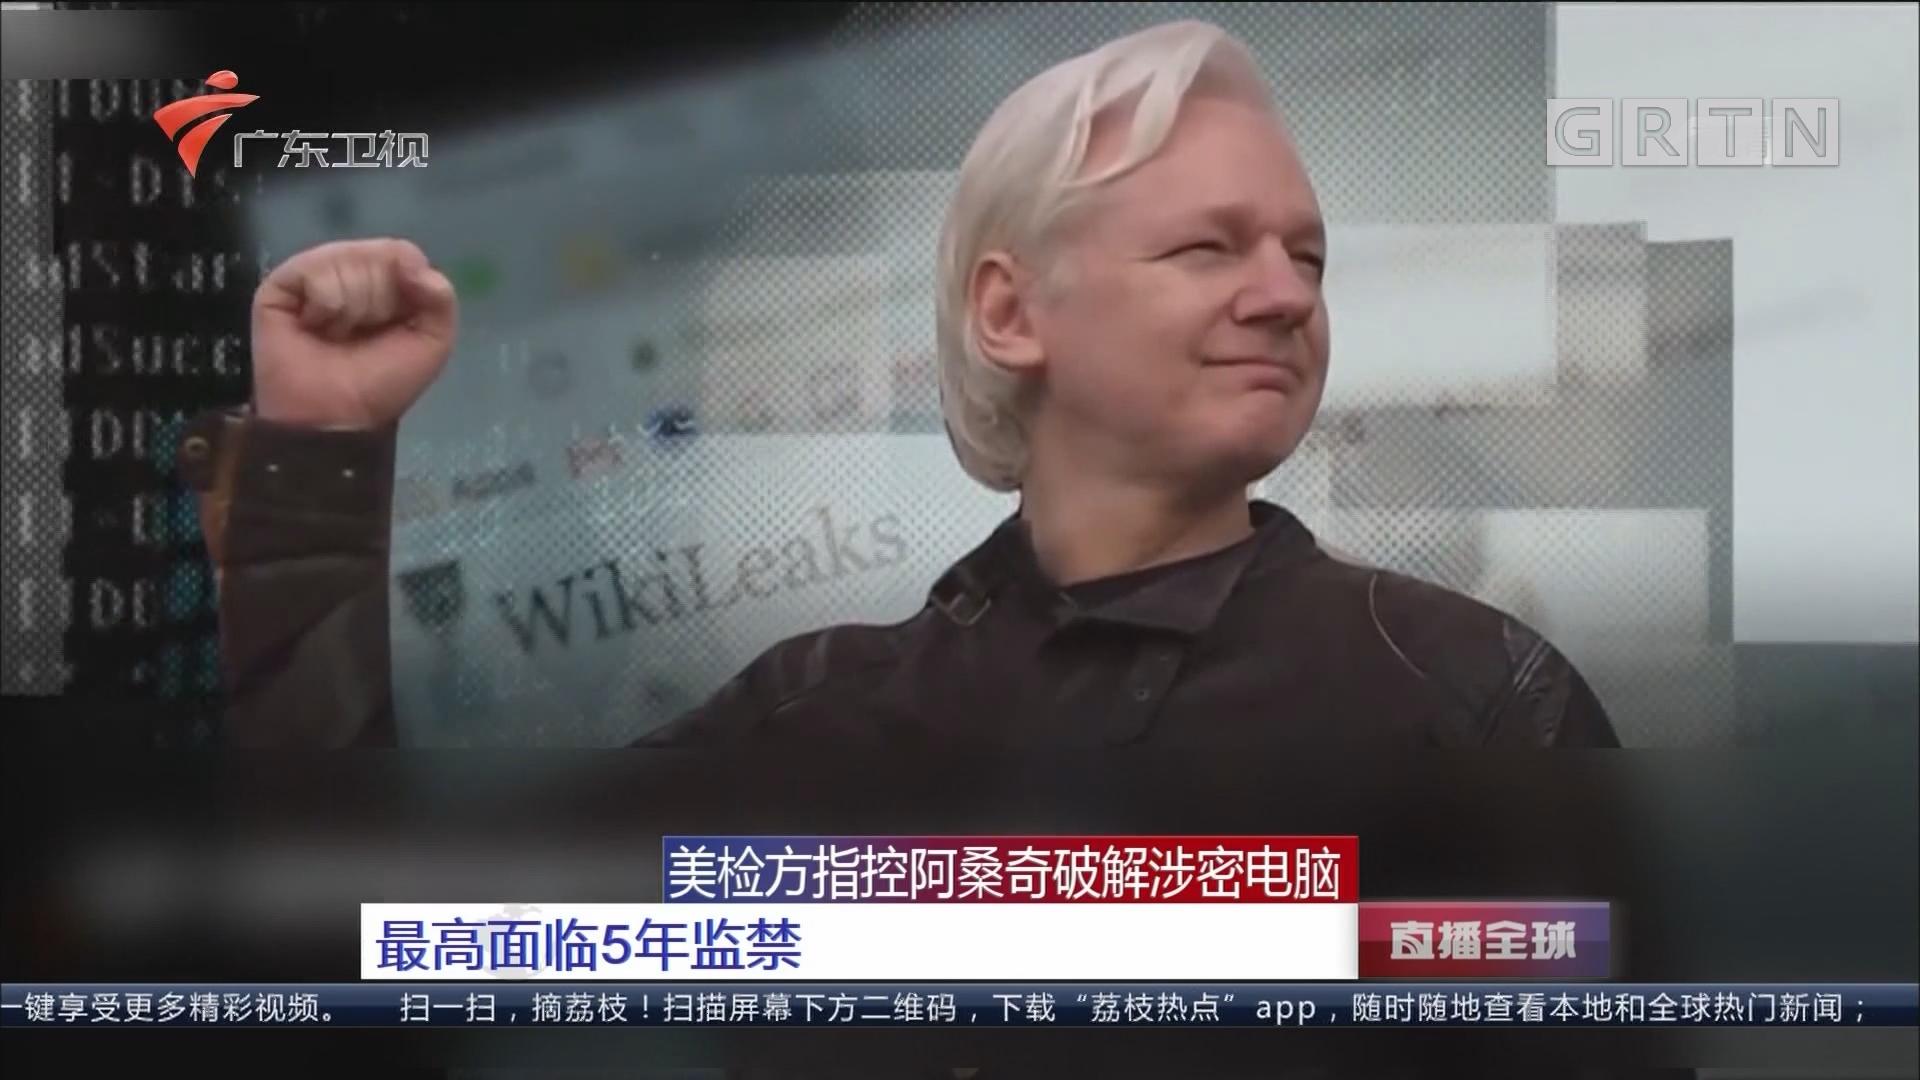 美检方指控阿桑奇破解涉密电脑:最高面临5年监禁